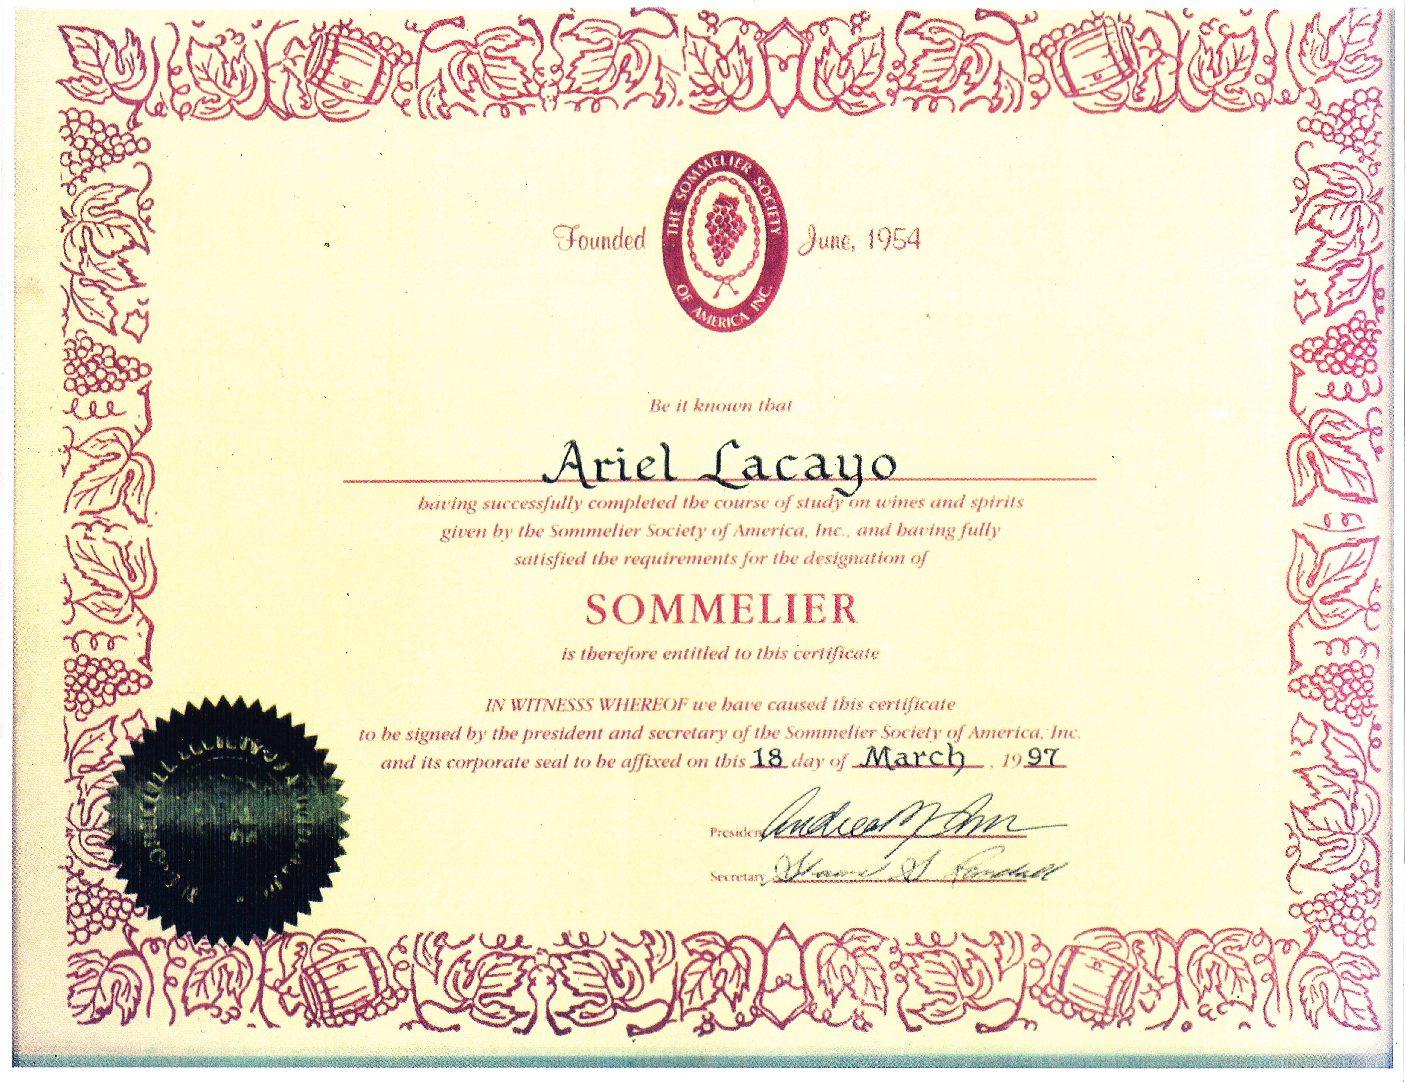 sommelier certificate ariel lacayo